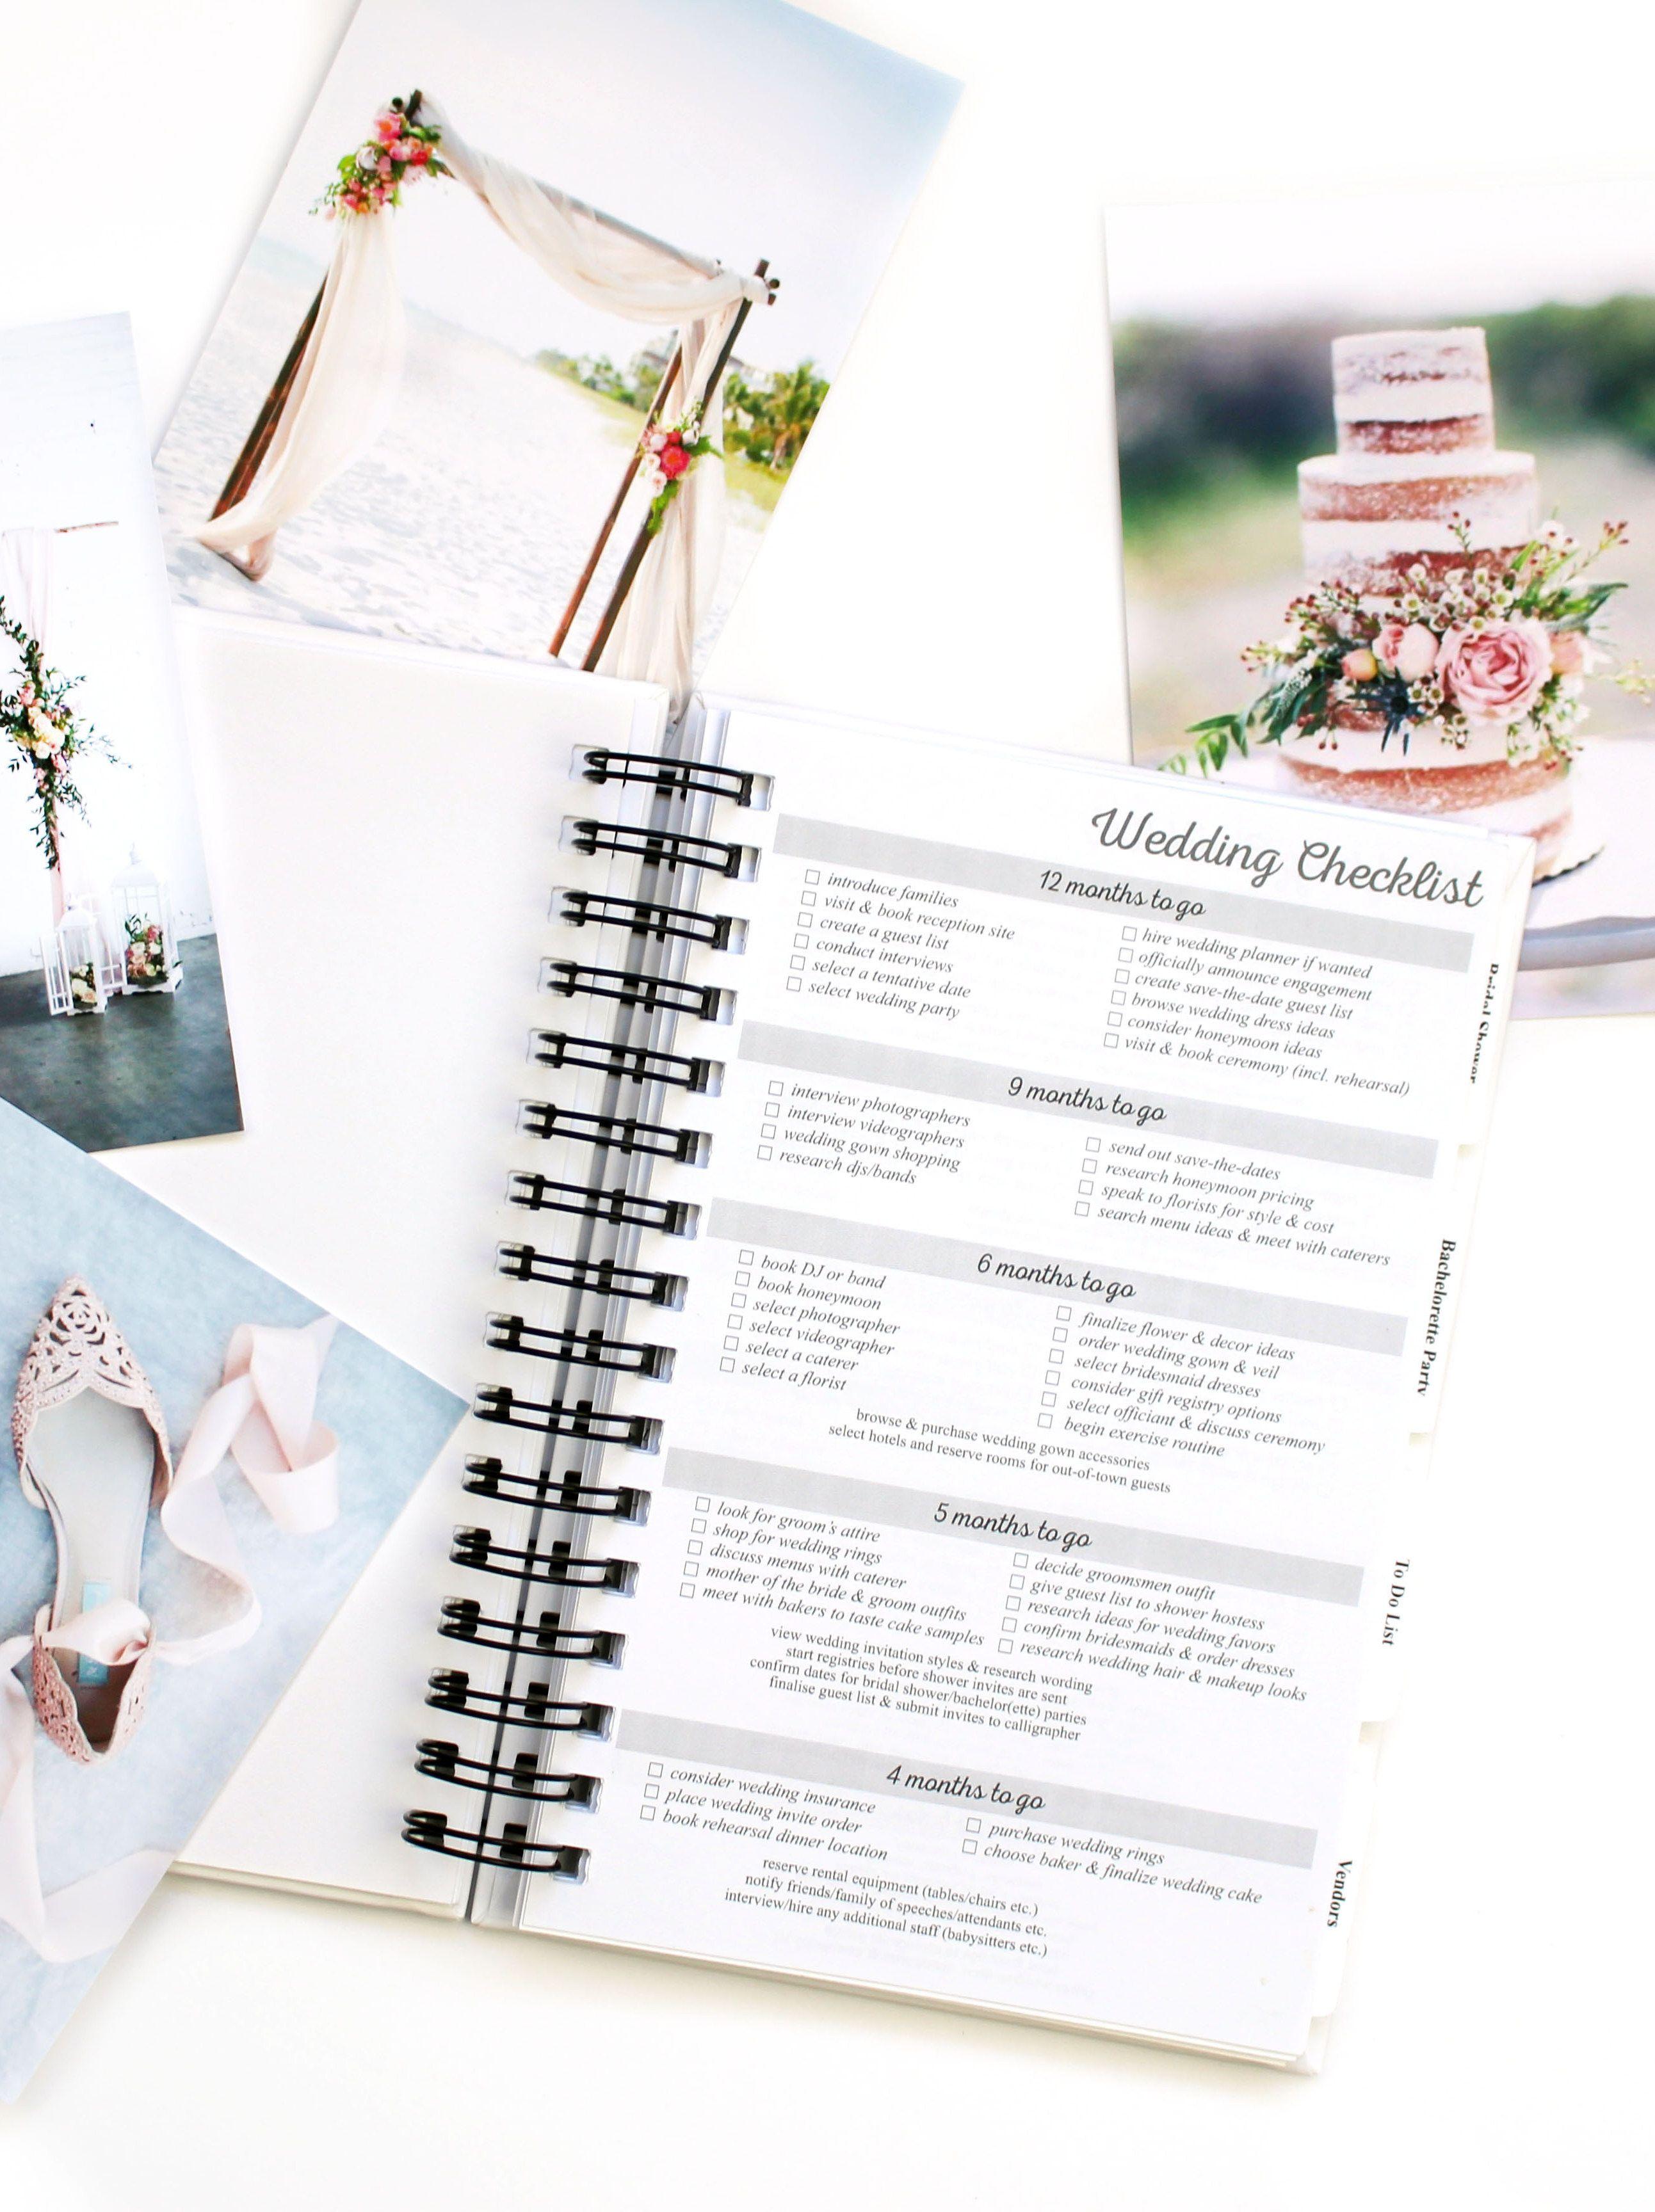 Wedding Checklist Detailed Wedding Checklist Month by Month